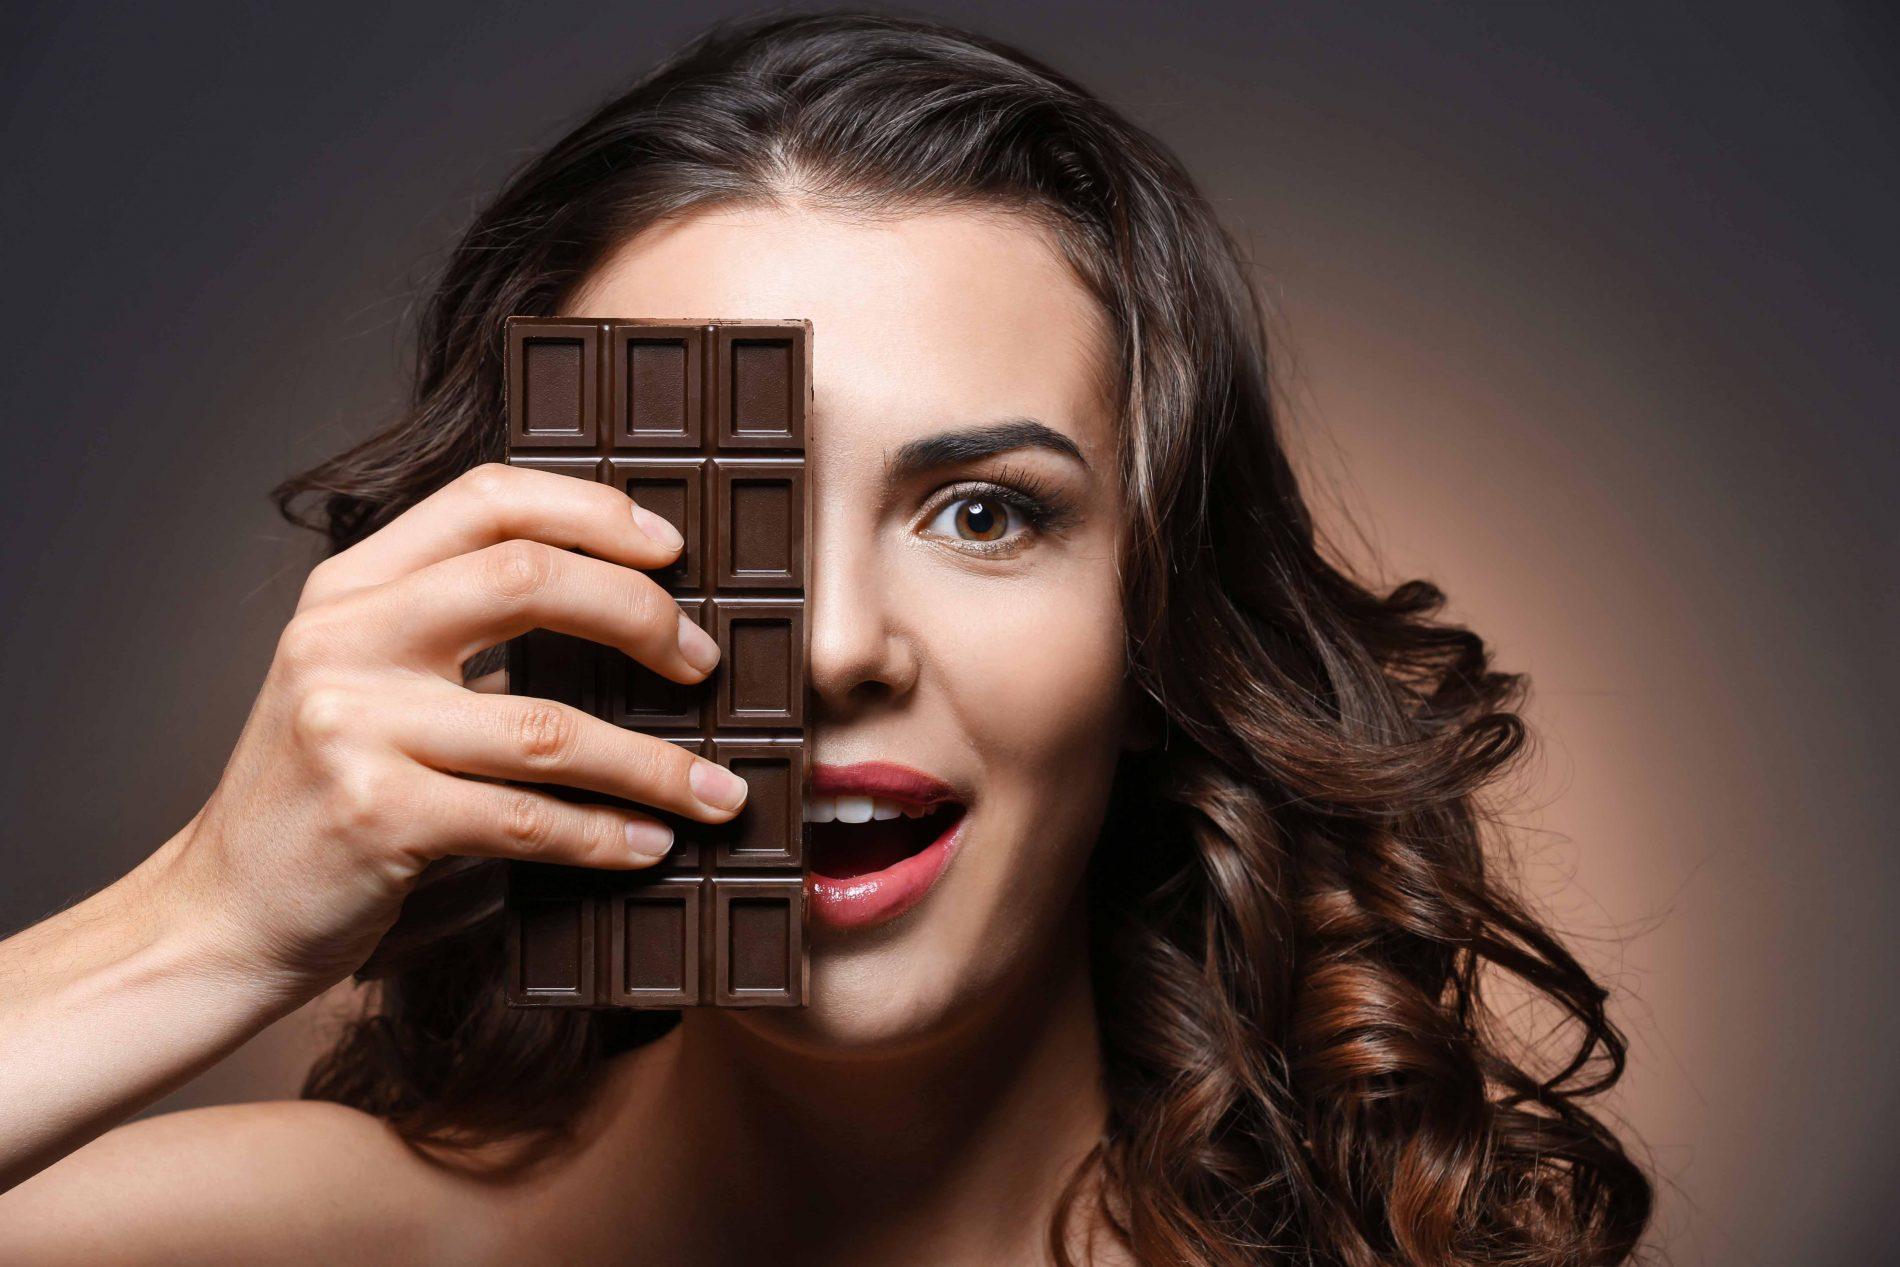 miti da sfatare sul cioccolato: ecco la verità